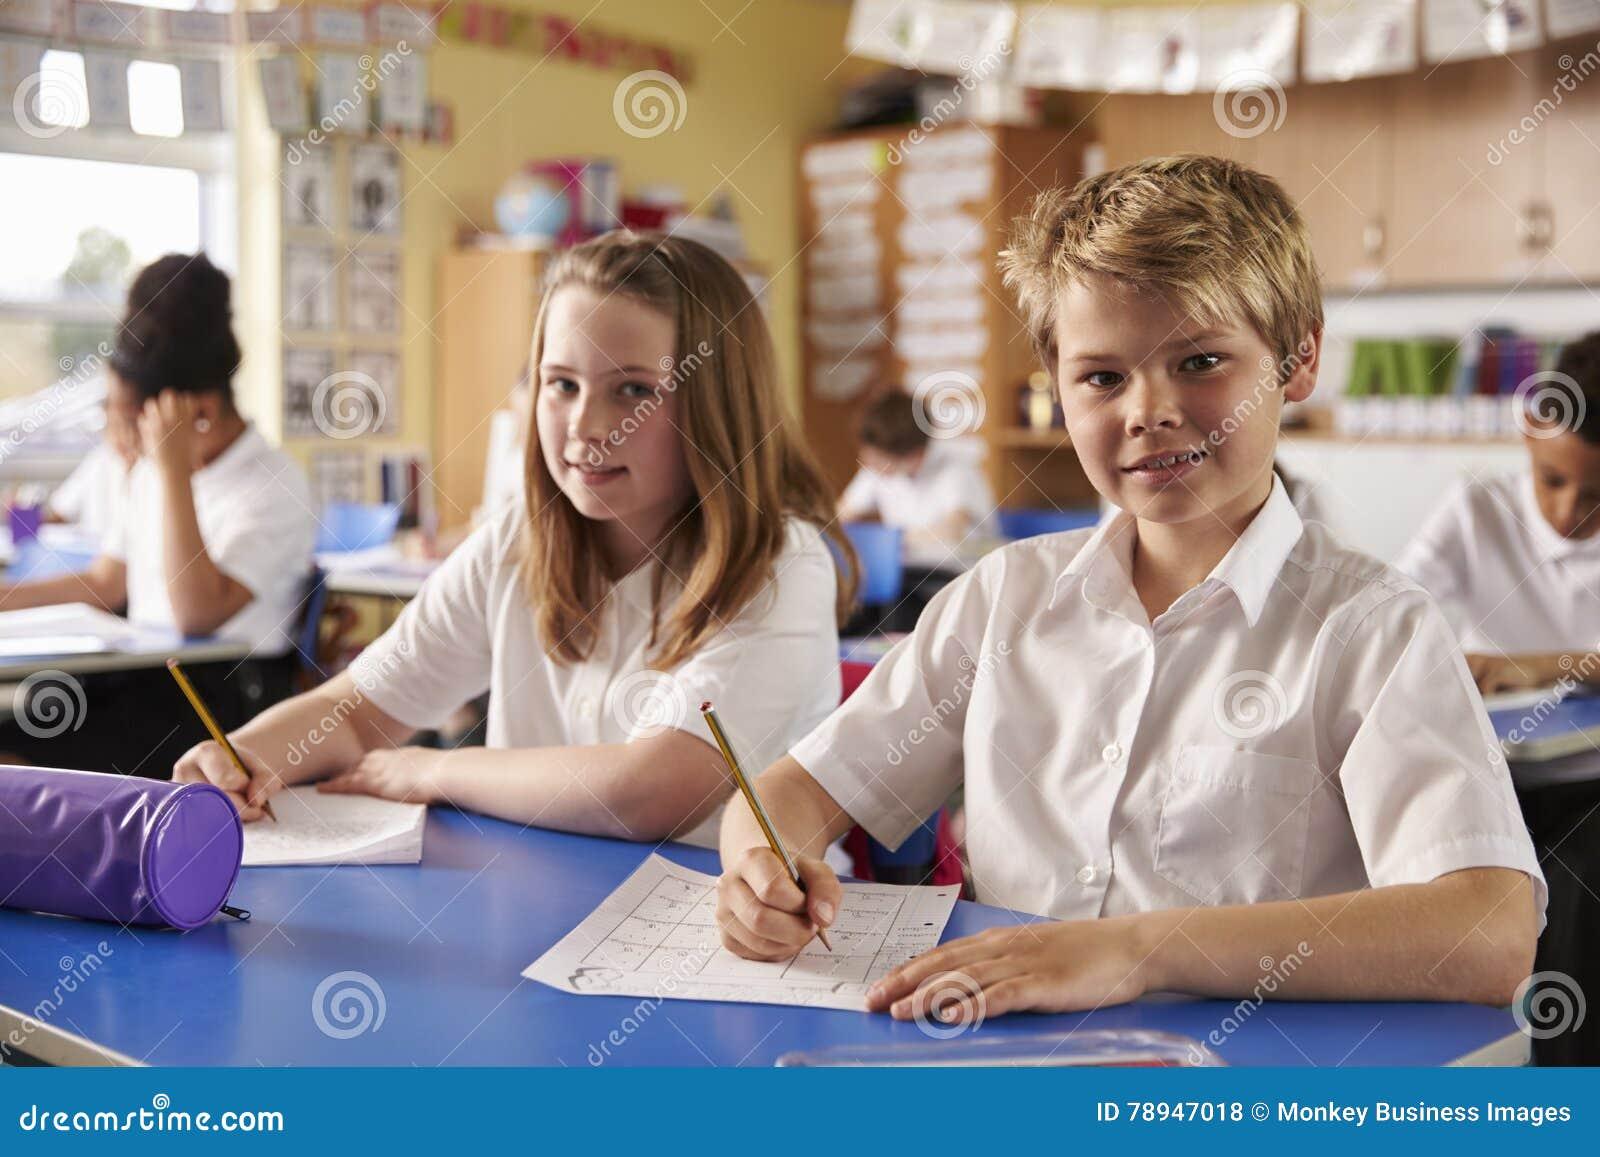 Två ungar i en kurs på en grundskola för barn mellan 5 och 11 år ser till kameran